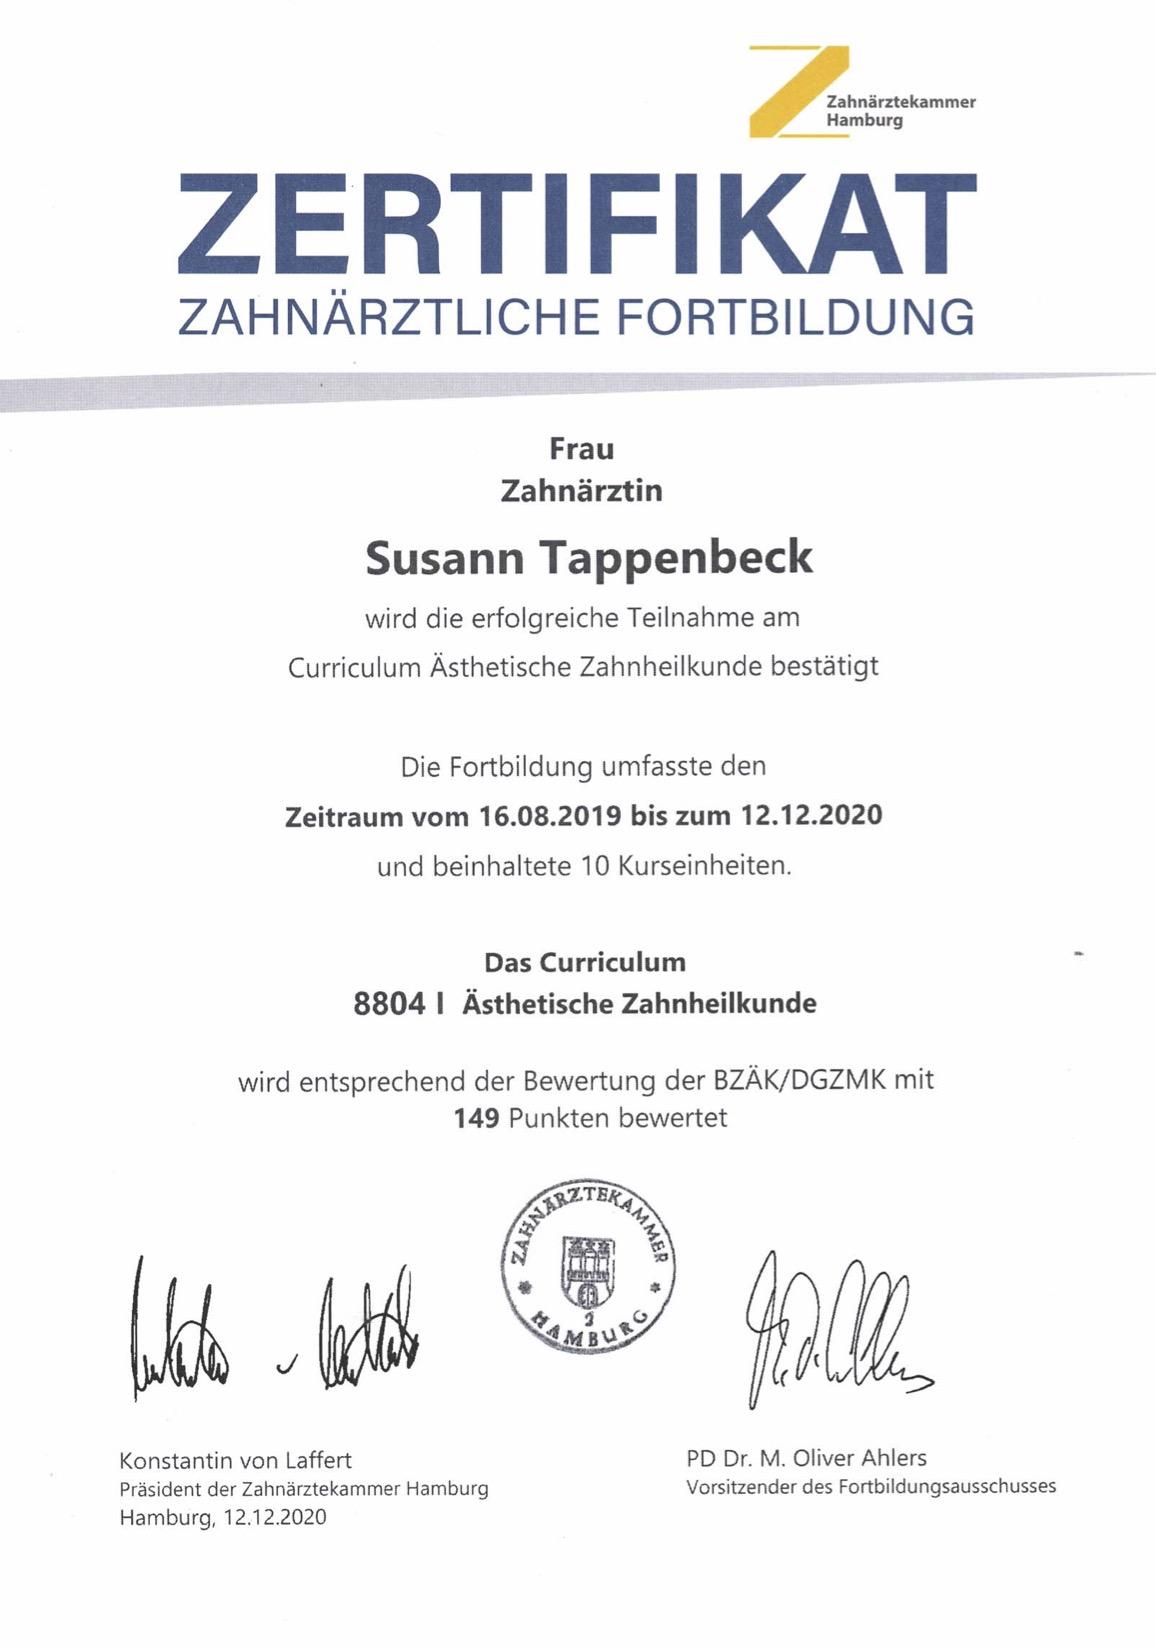 Herzlichen Glückwunsch zur bestandenen Prüfung, Frau Tappenbeck!